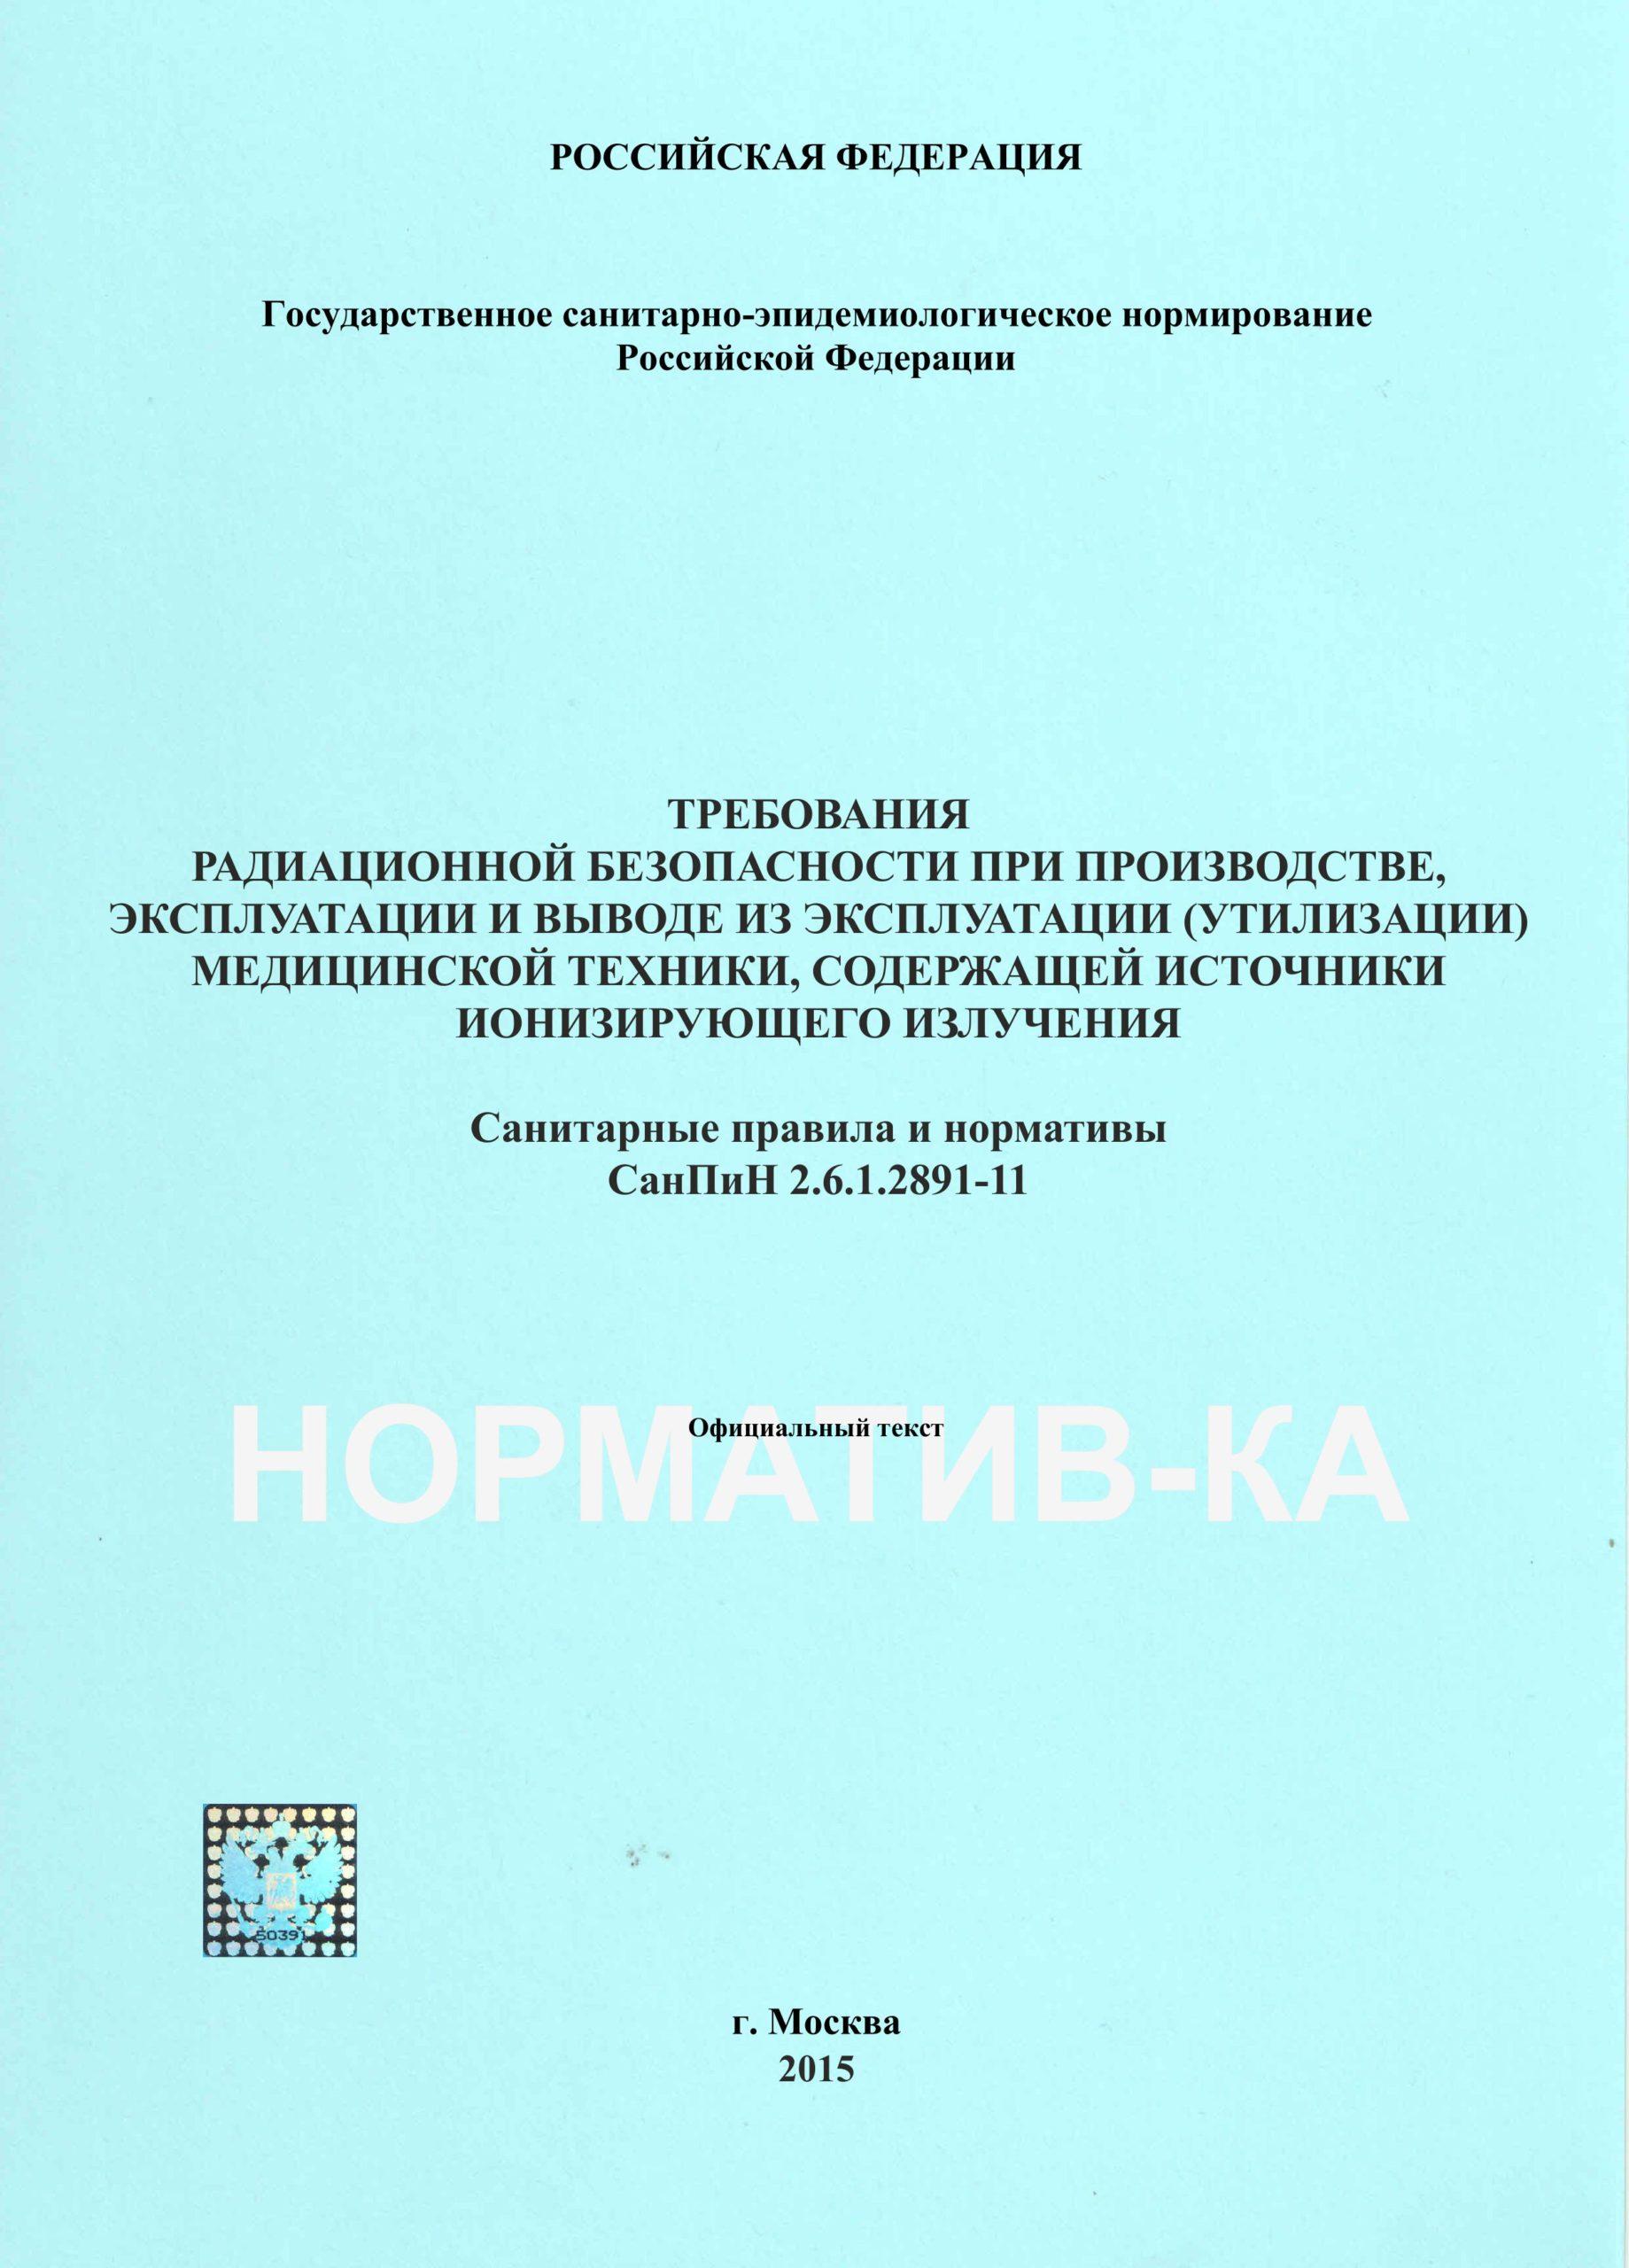 СанПиН 2.6.1.2891-11